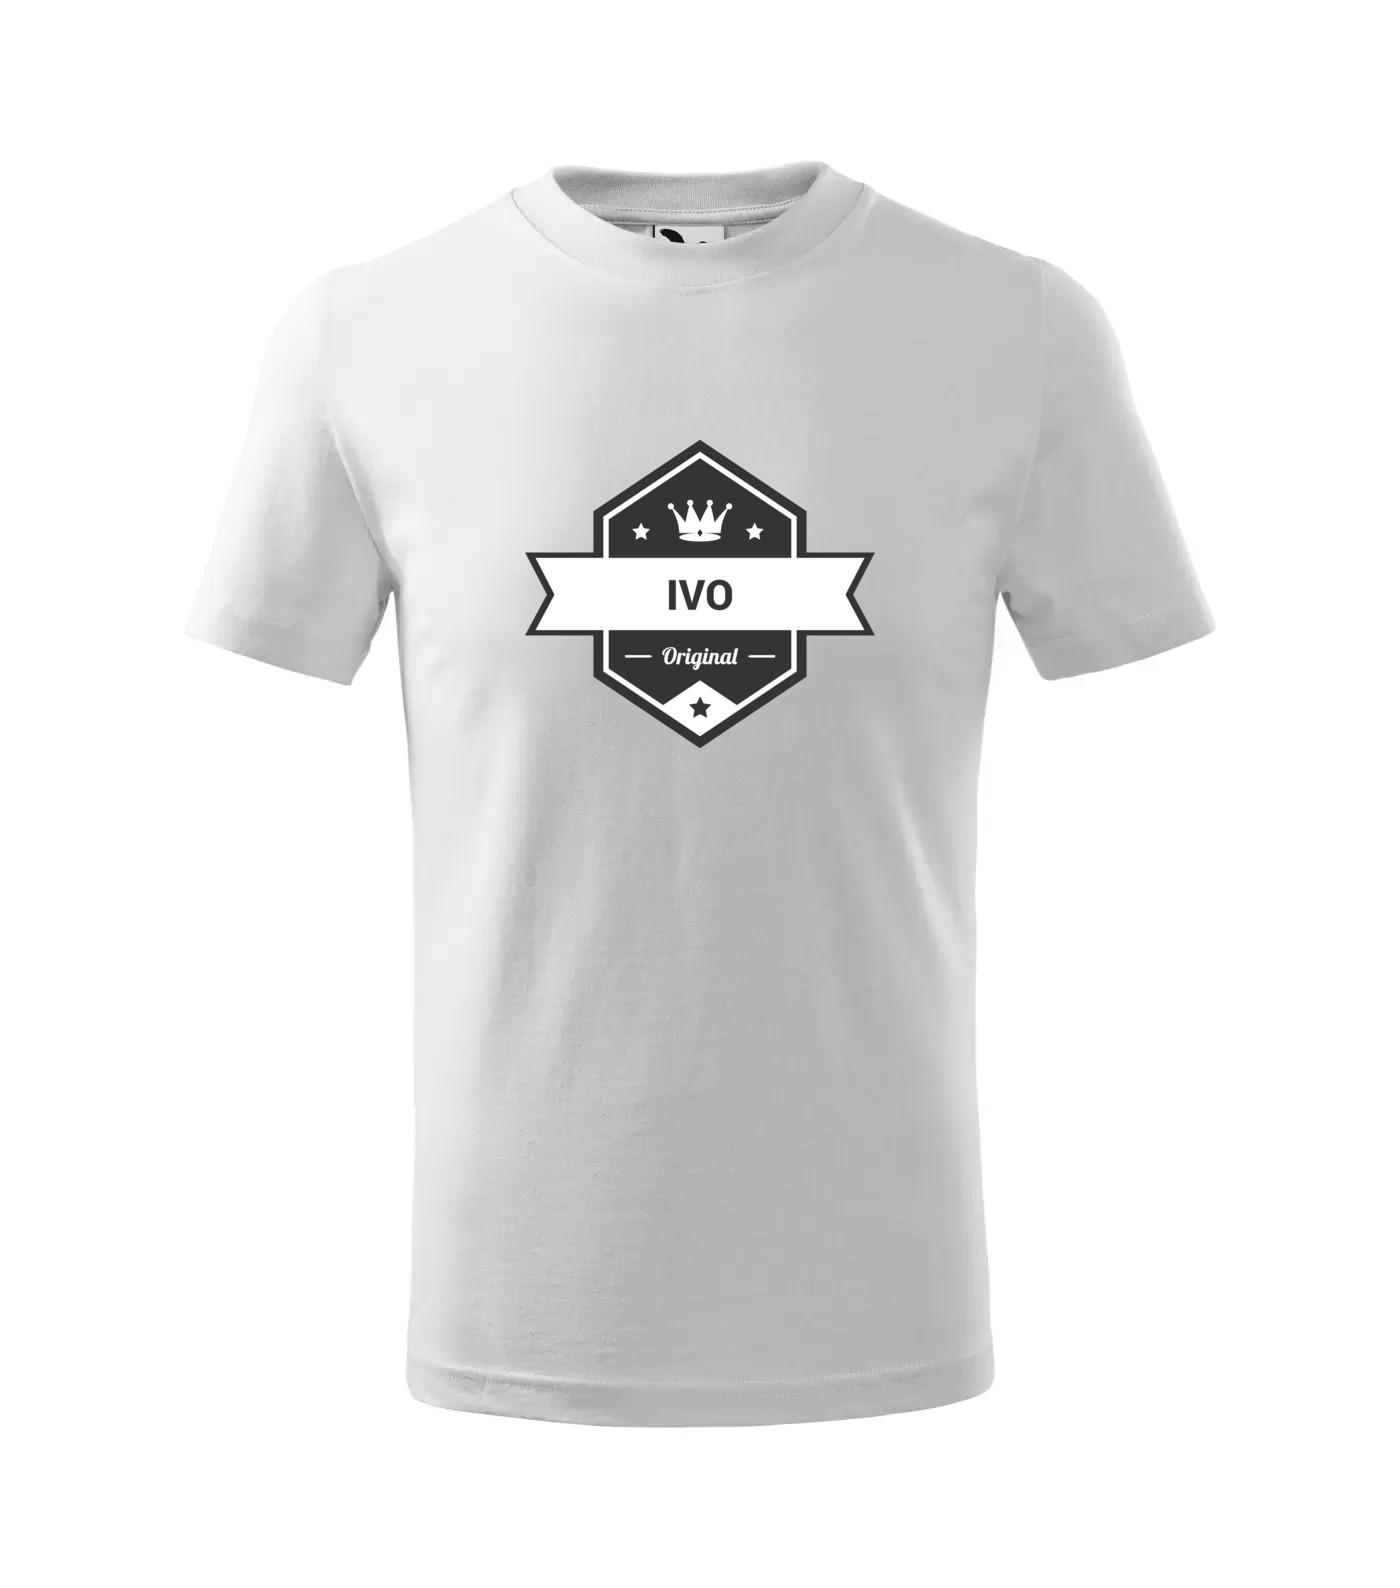 Tričko King Ivo